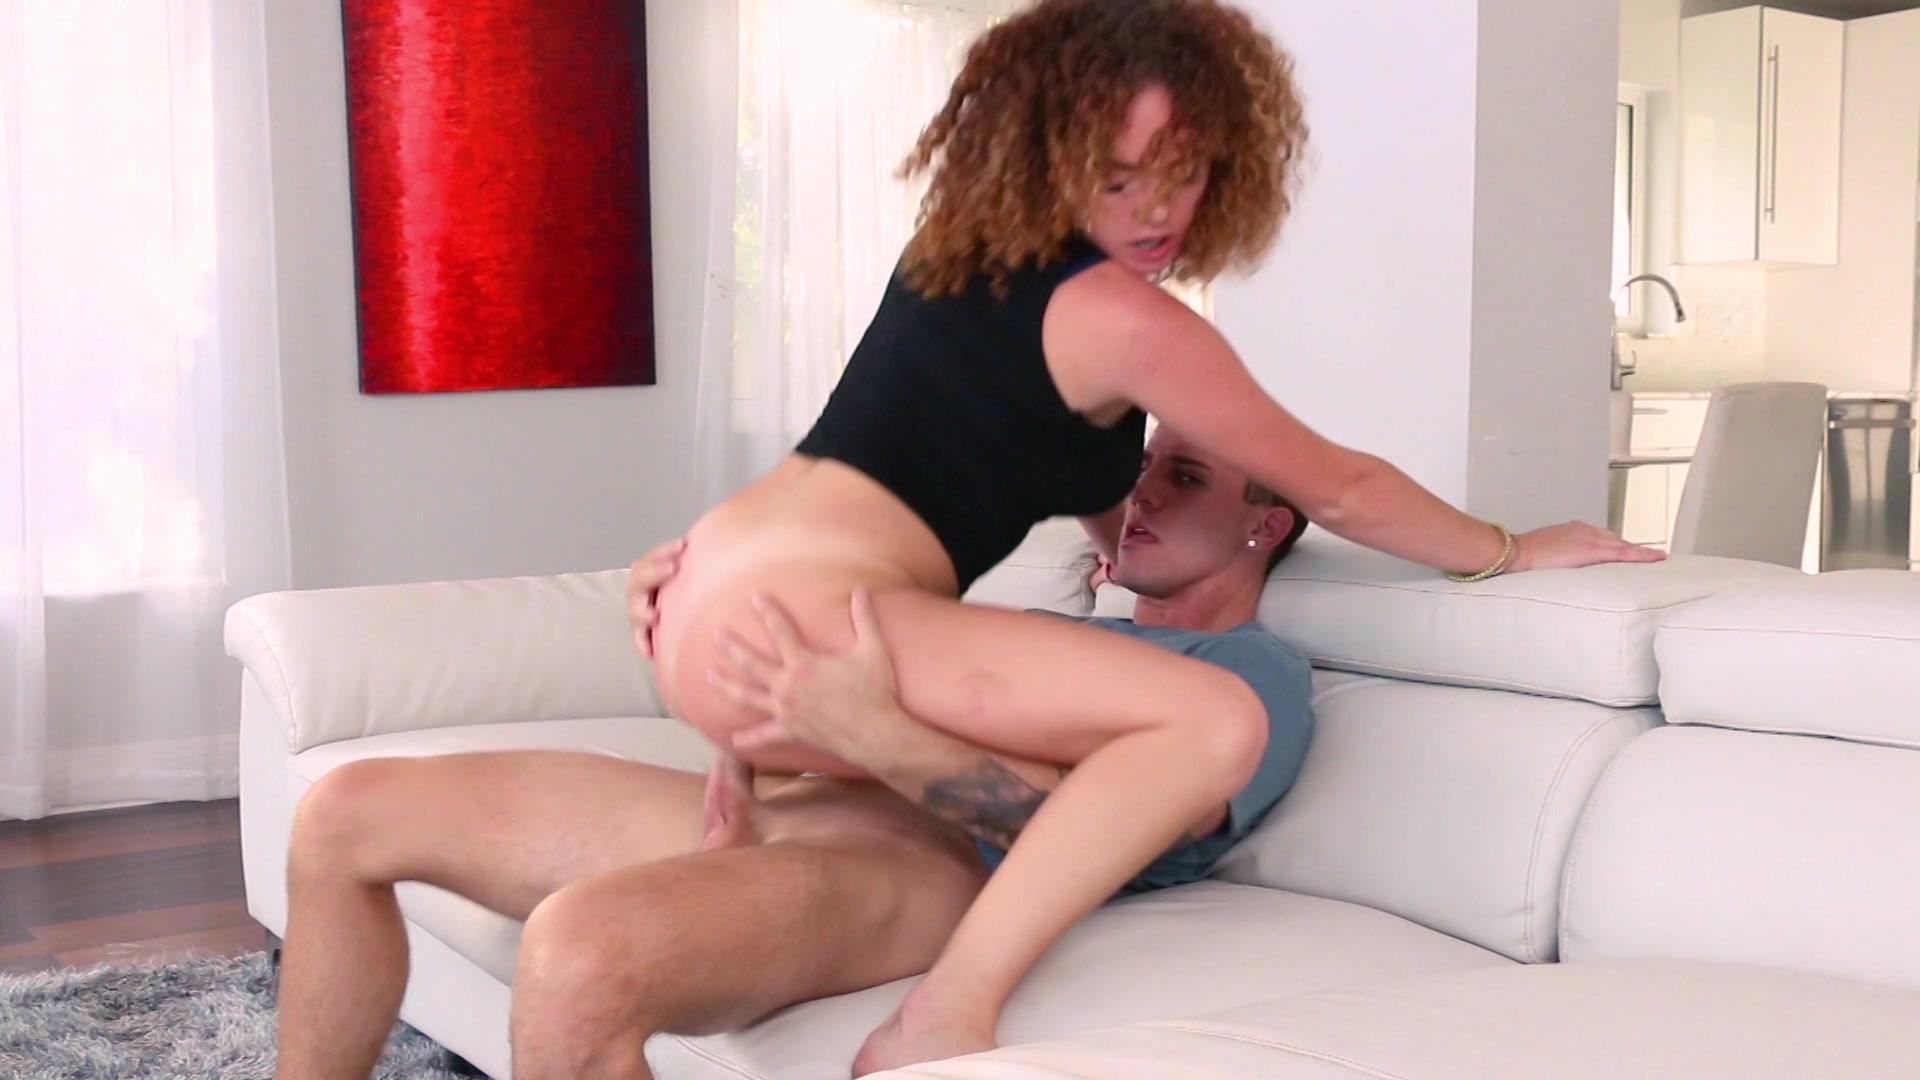 Russian big tits naked